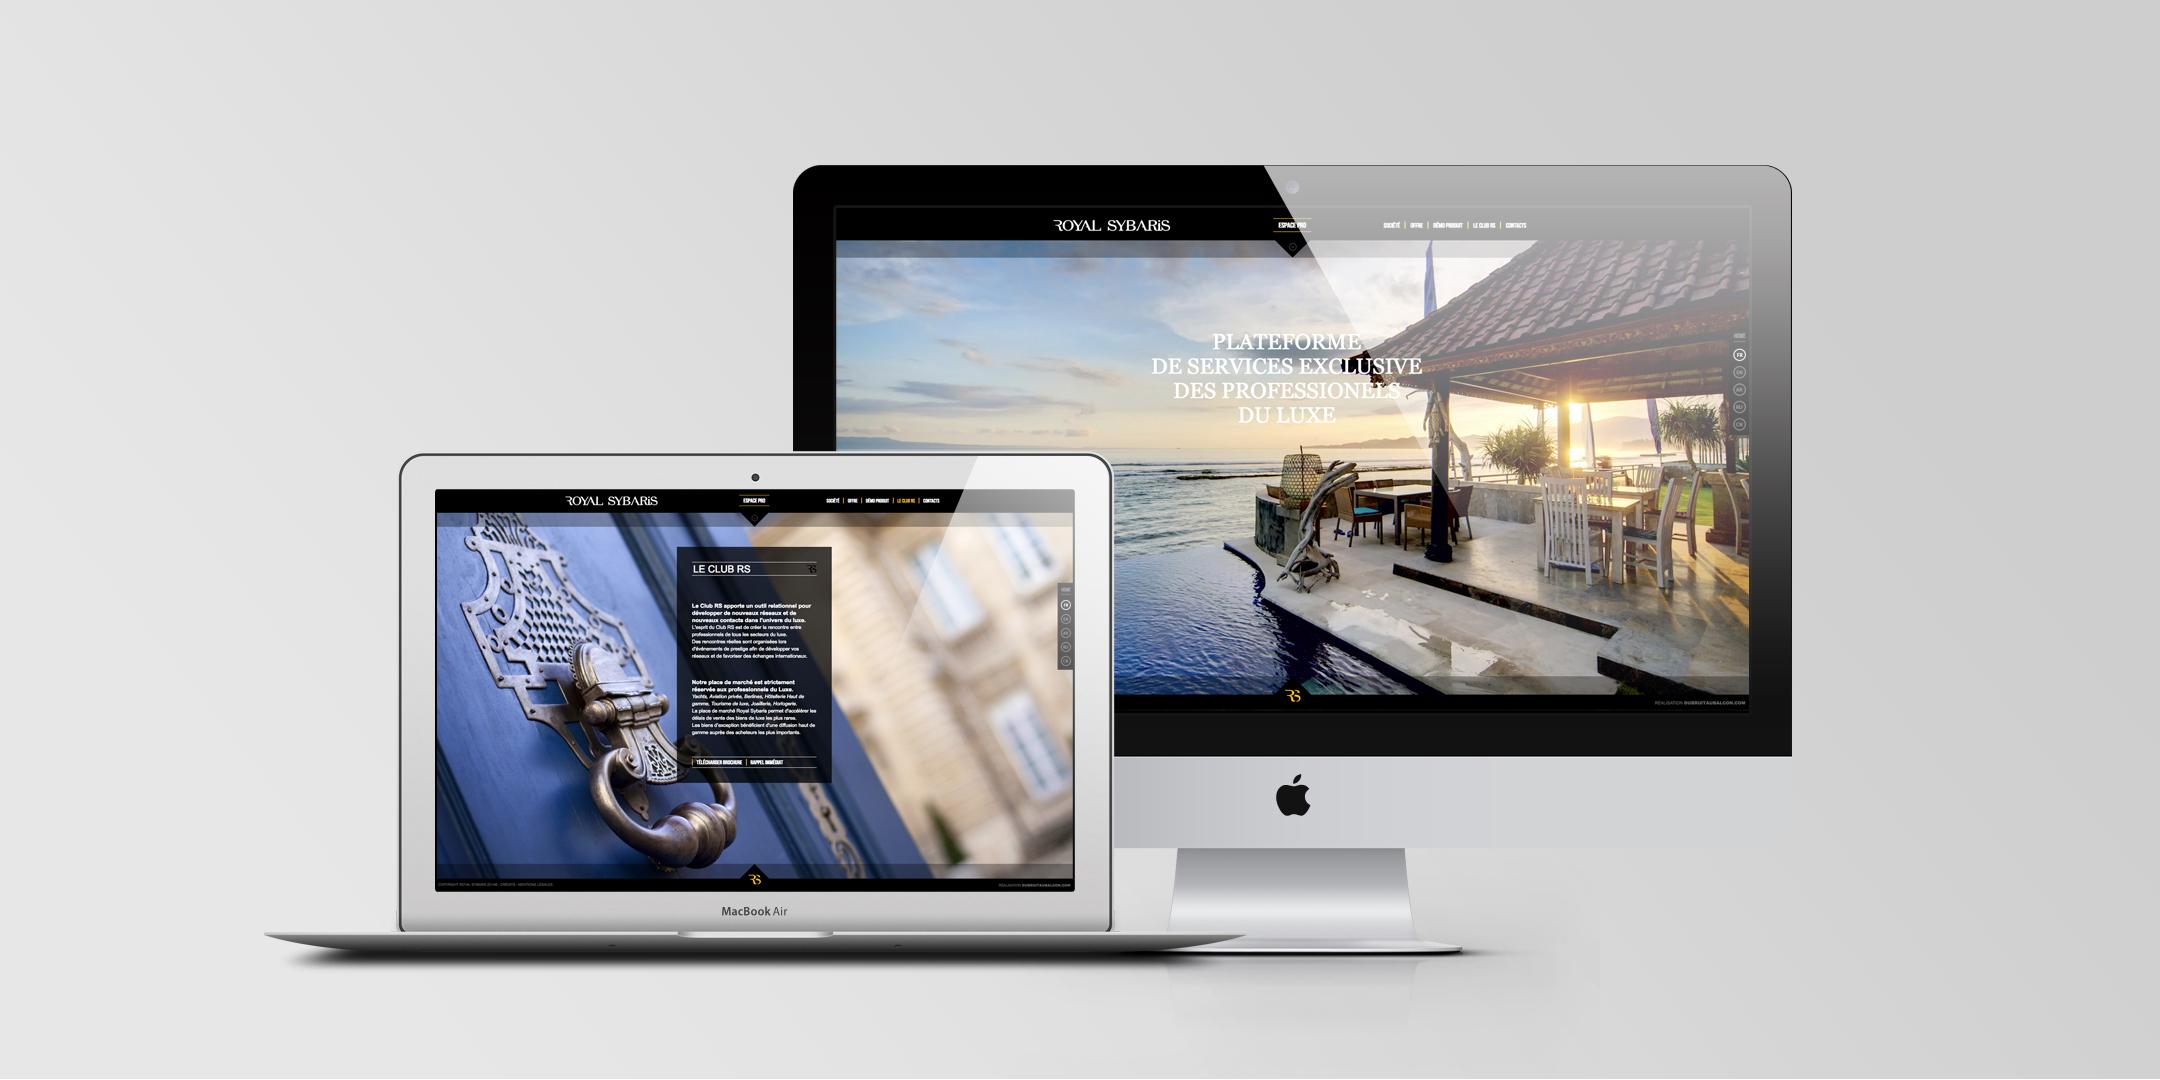 Mise en situation du site web haut de gamme de Royal Sybaris